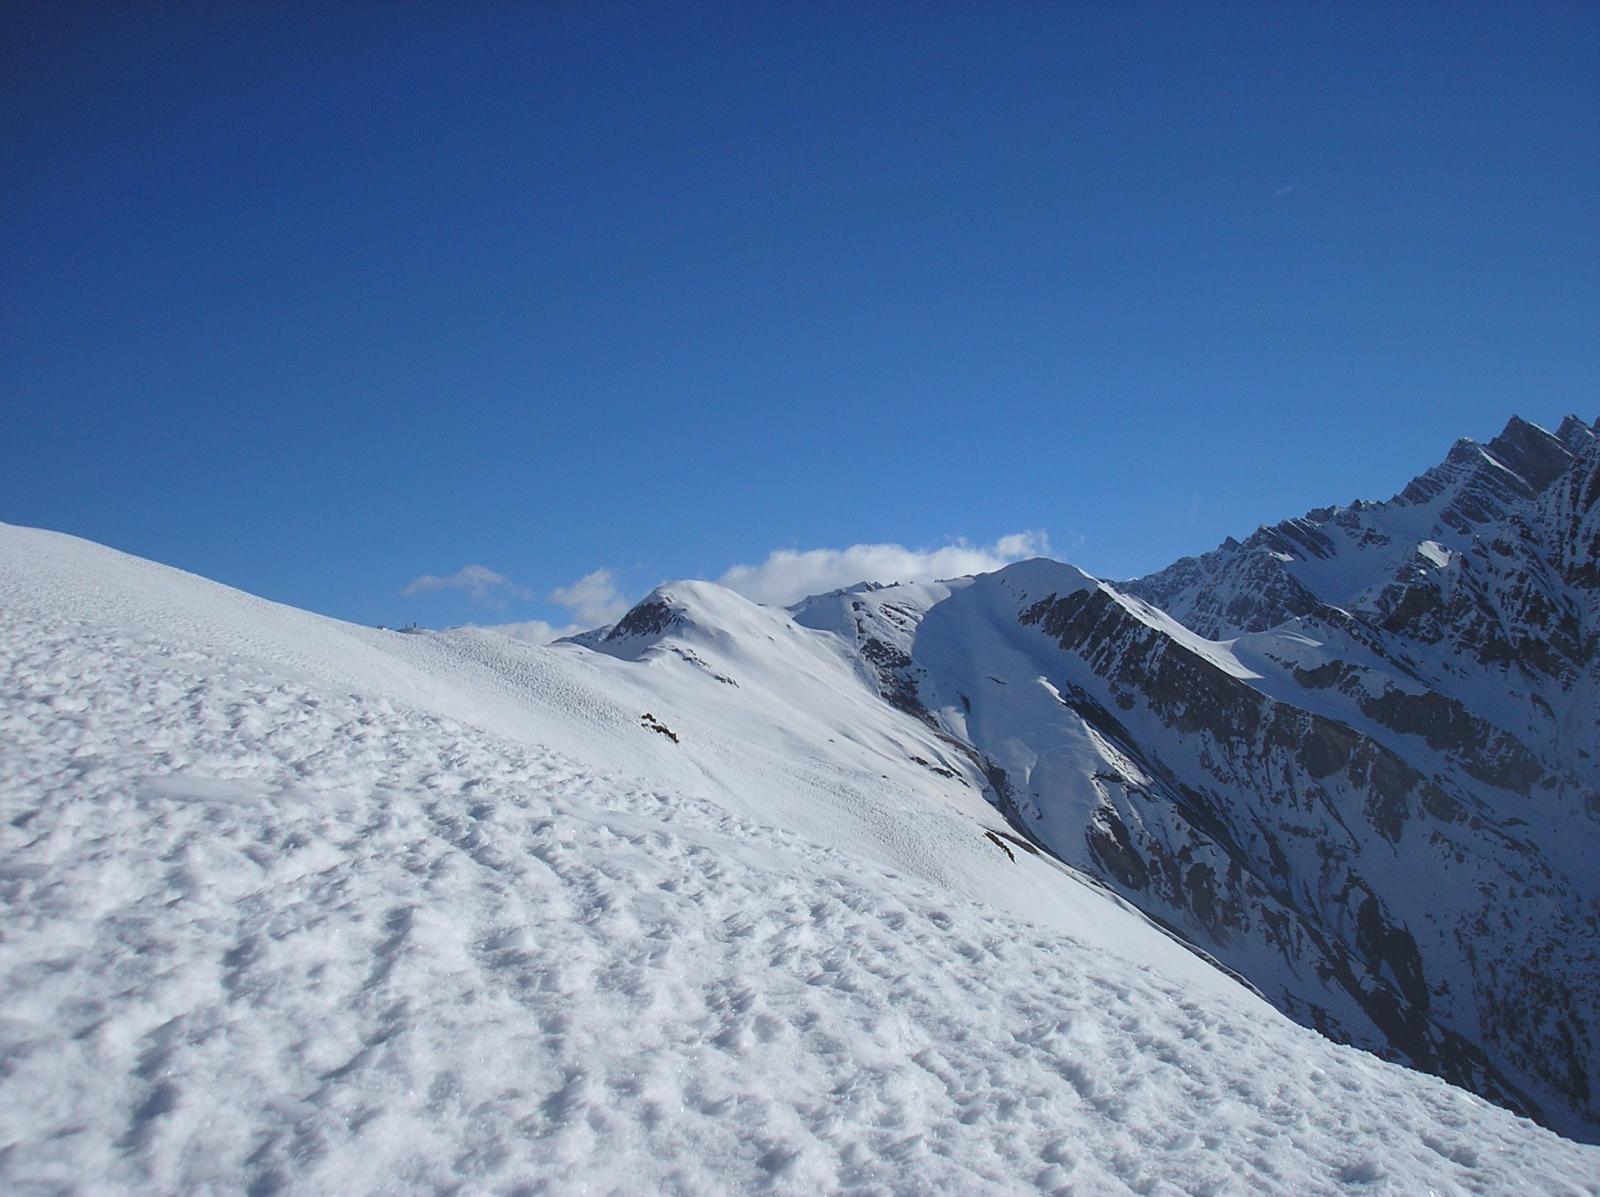 dal monte della saxe si vedono le due cime